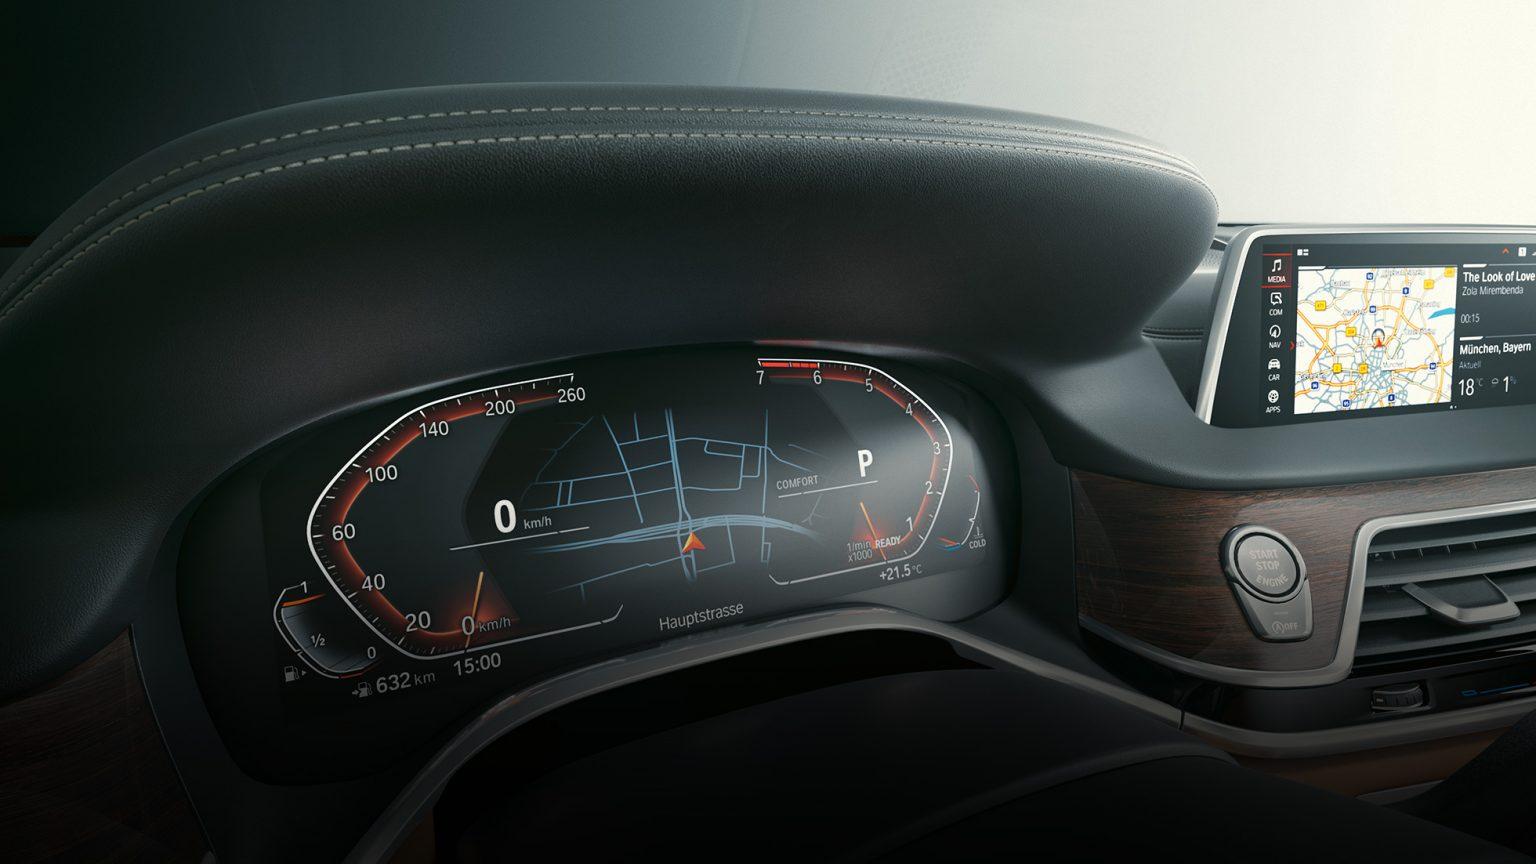 bmw-7series-sedan-inspire-gallery-01-slide-04-desktop